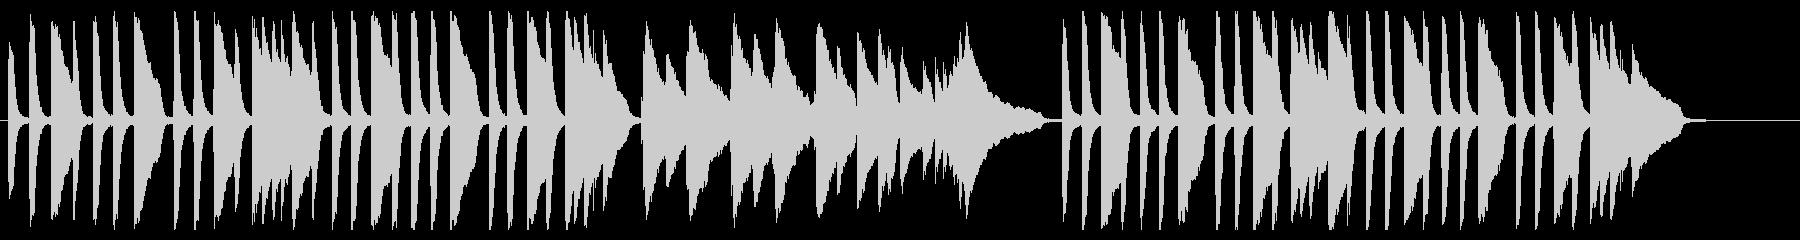 アマリリス ピアノver.の未再生の波形